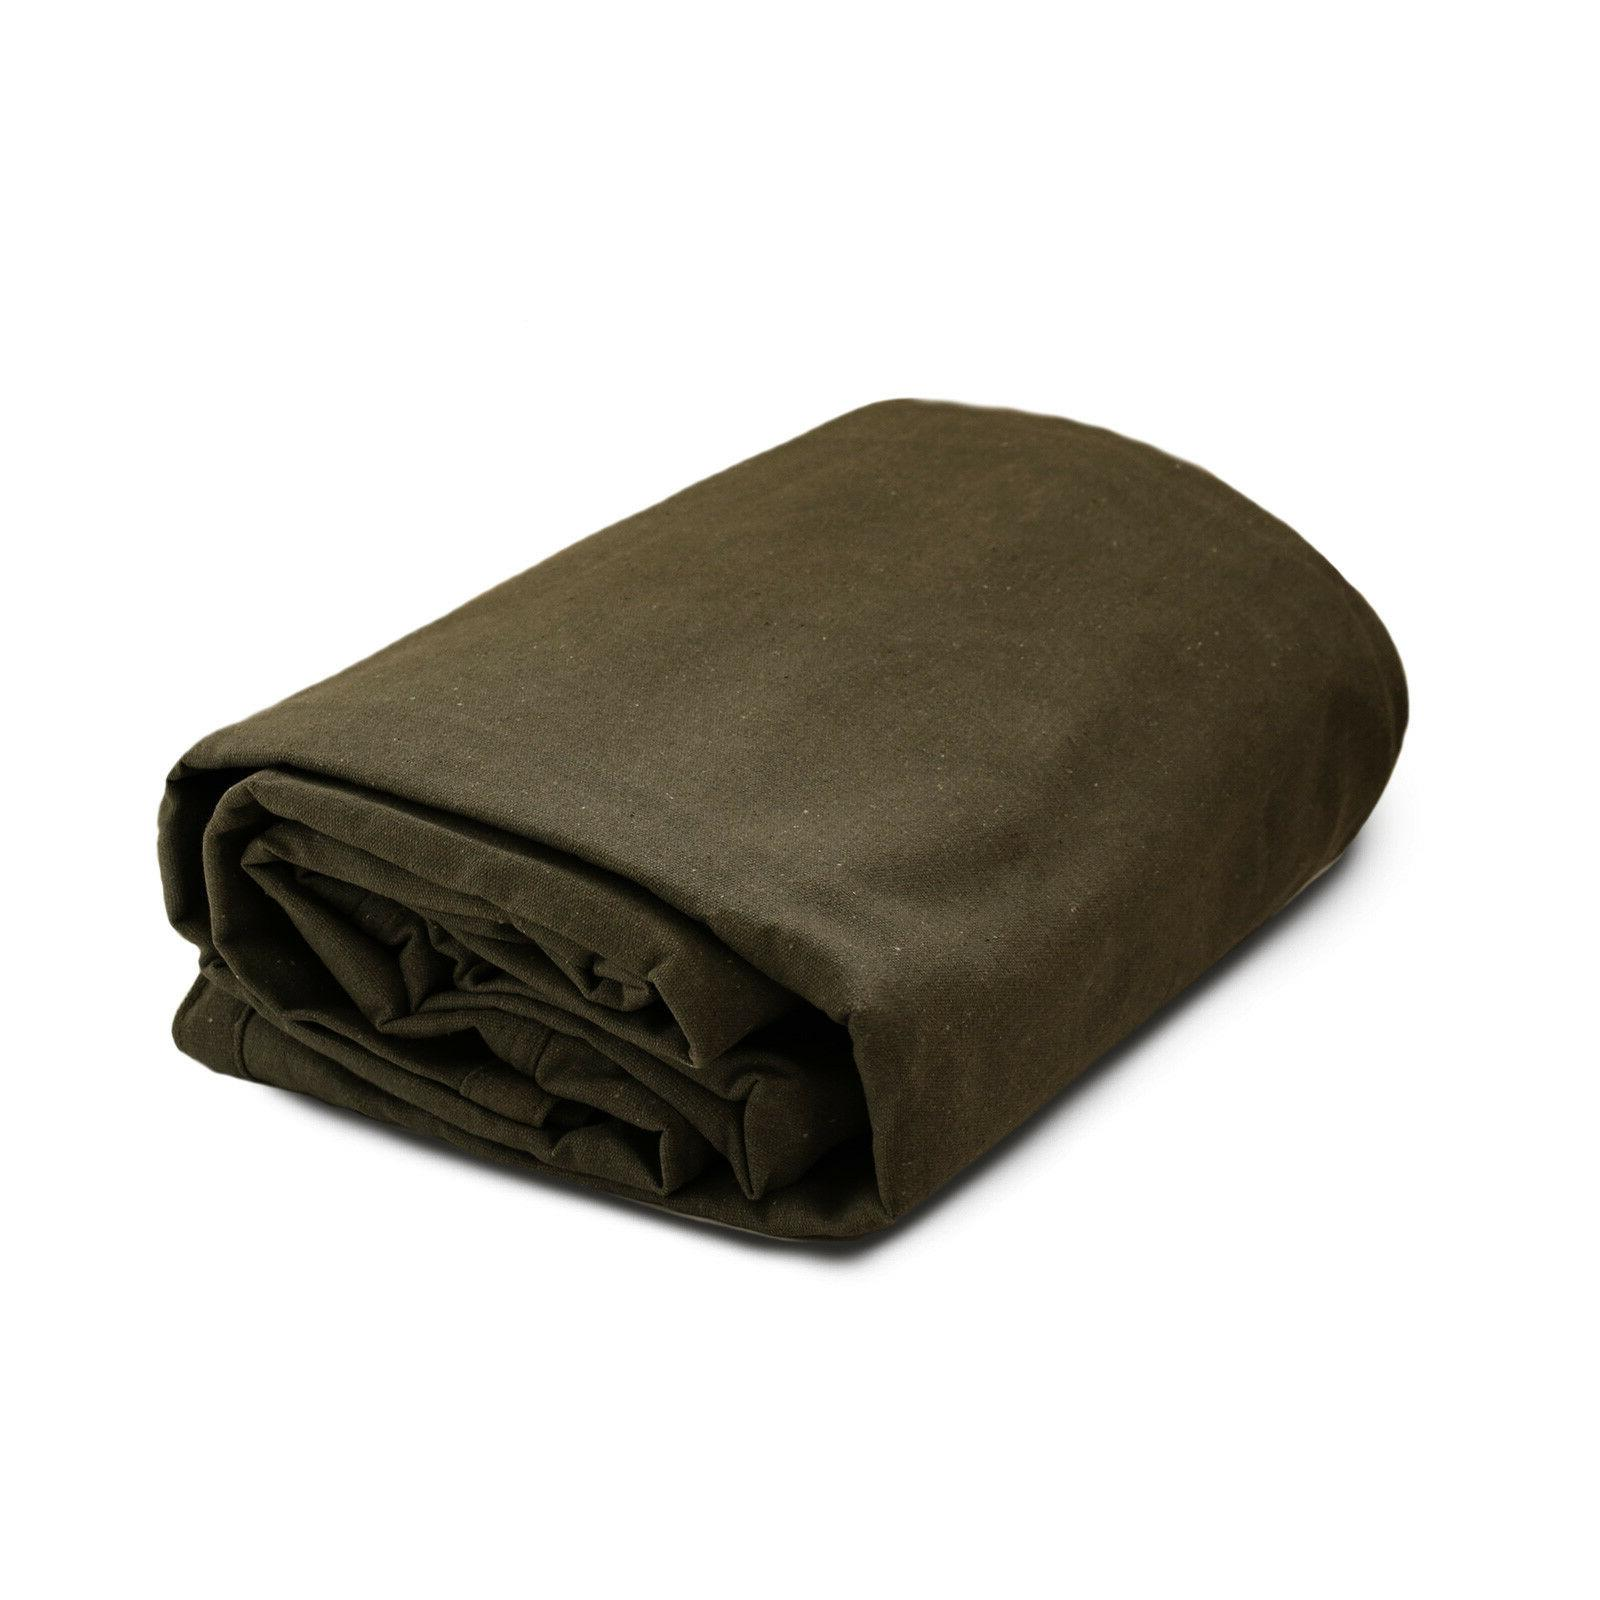 Heavy Duty Tarps 18 Olive - Resistant Tarpaulin